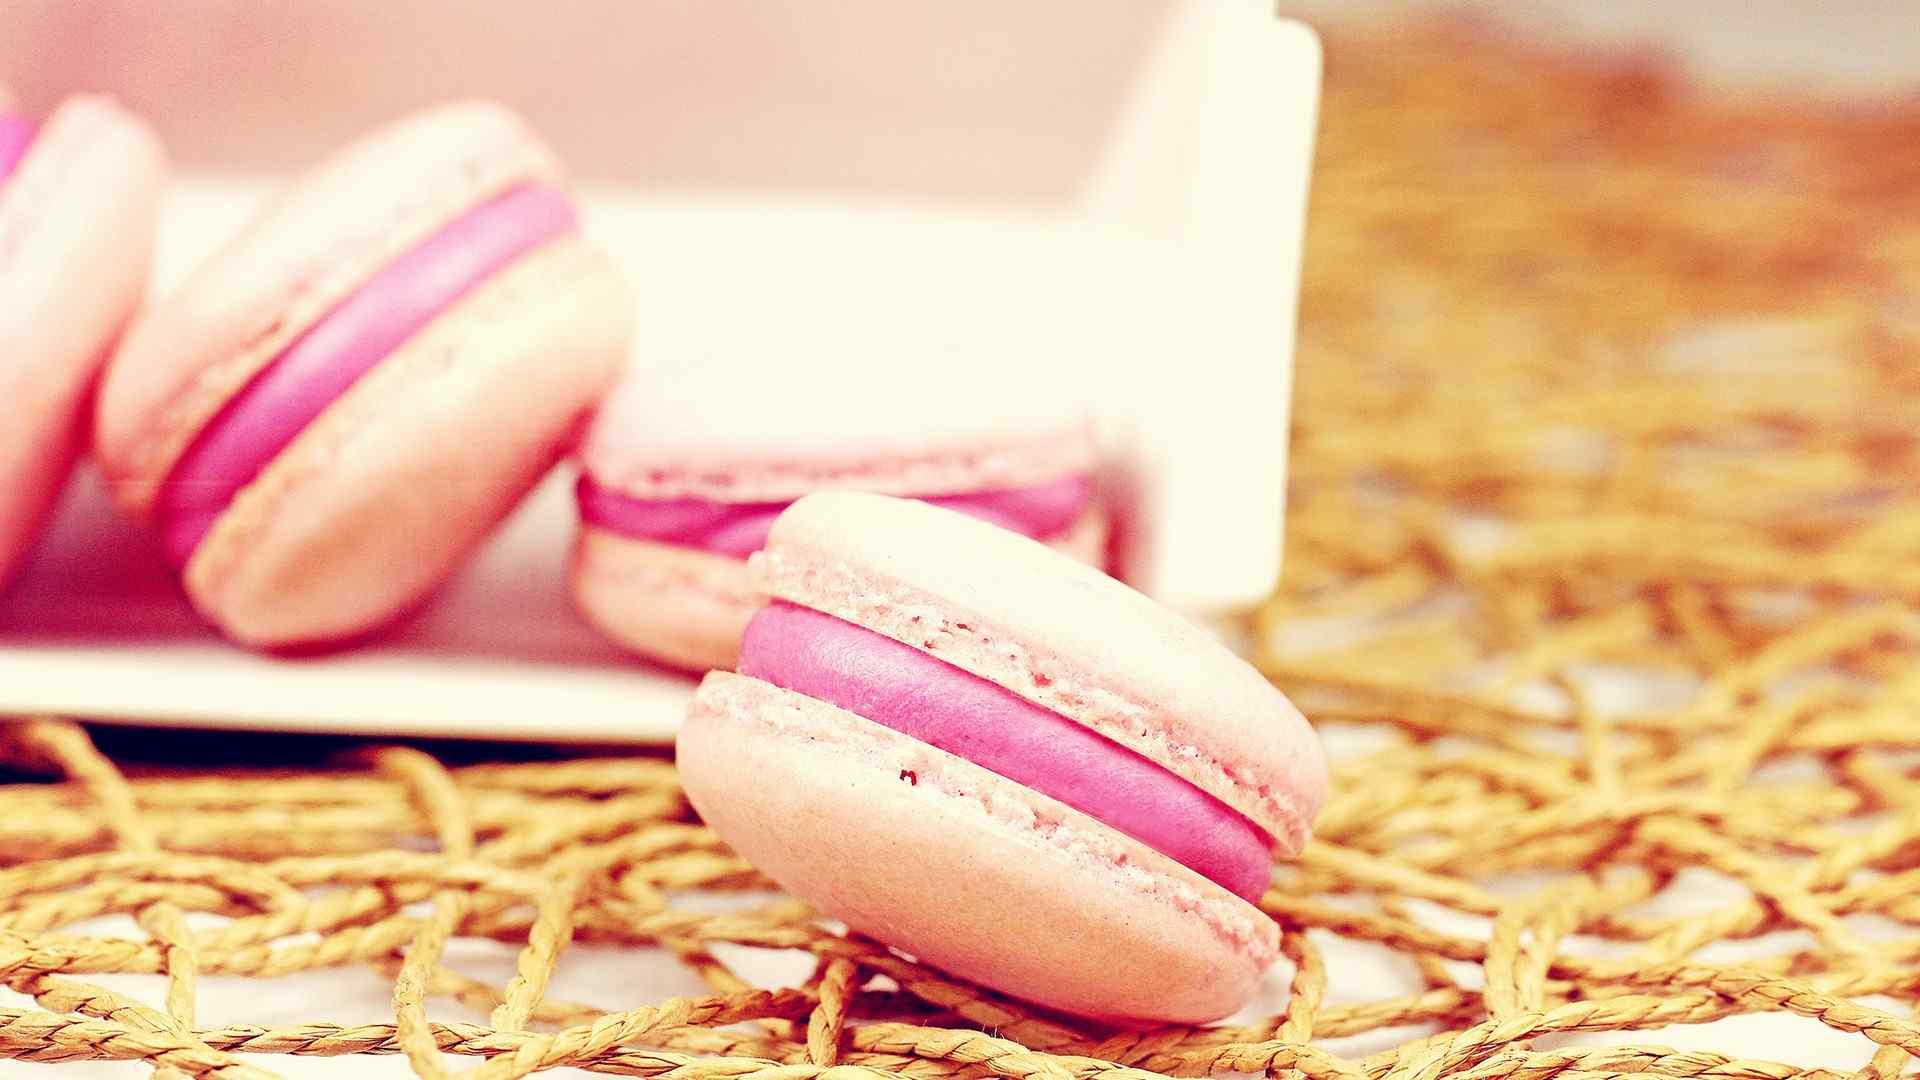 粉红夹心马卡龙甜点桌面壁纸